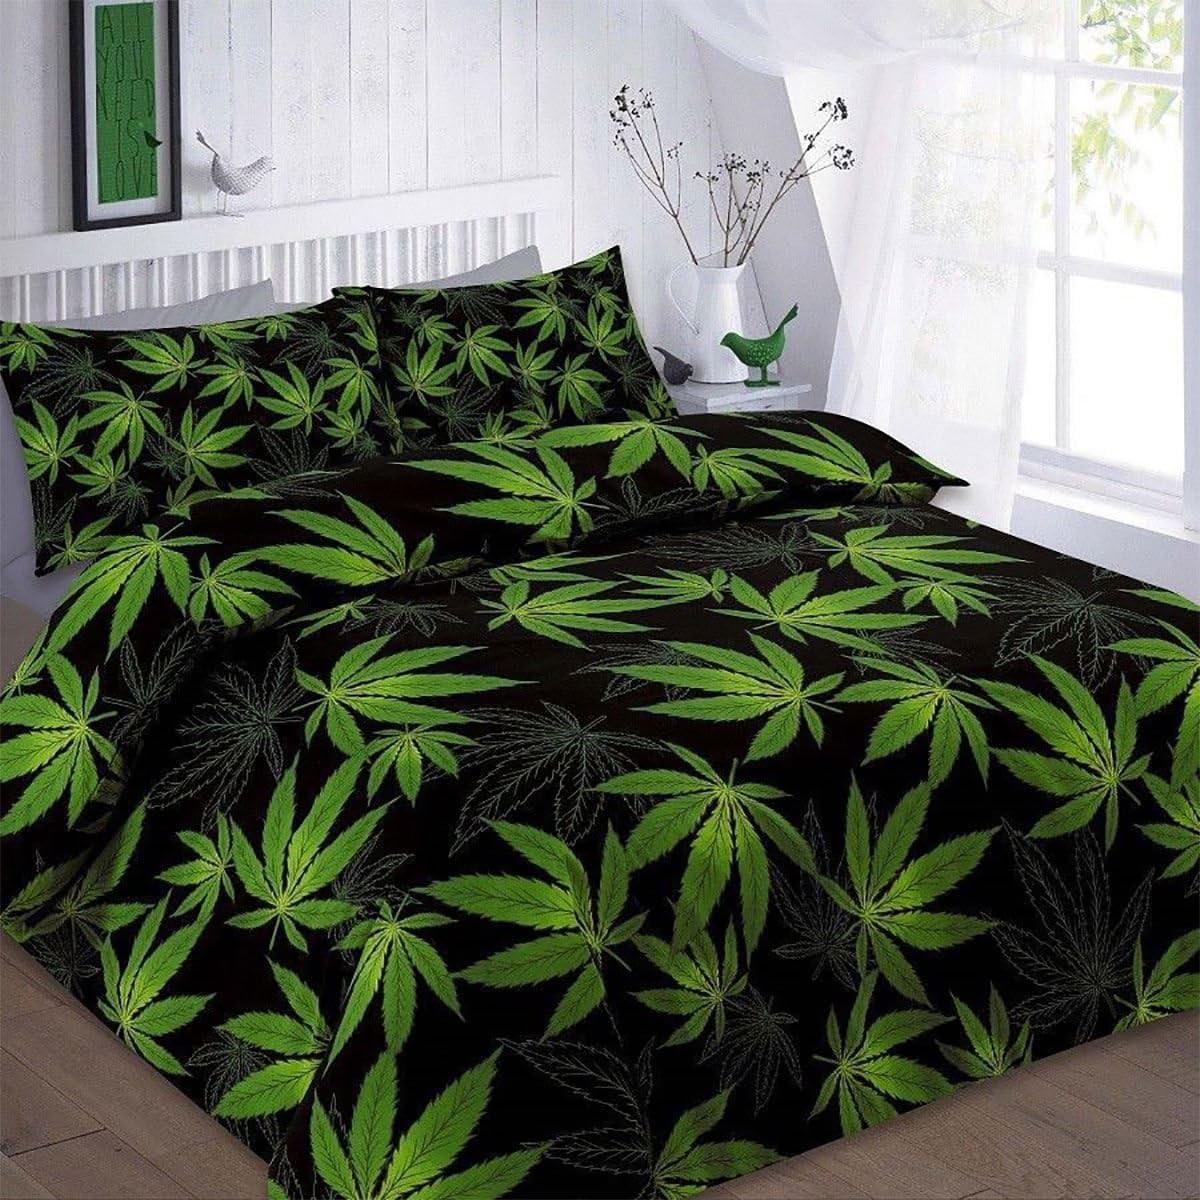 Islander Fashions Cannabis Marijuana Weed Feuille Imprim� Simple Double King Size Duvet Taie doreiller Ensemble de Literie Noir Double Taille